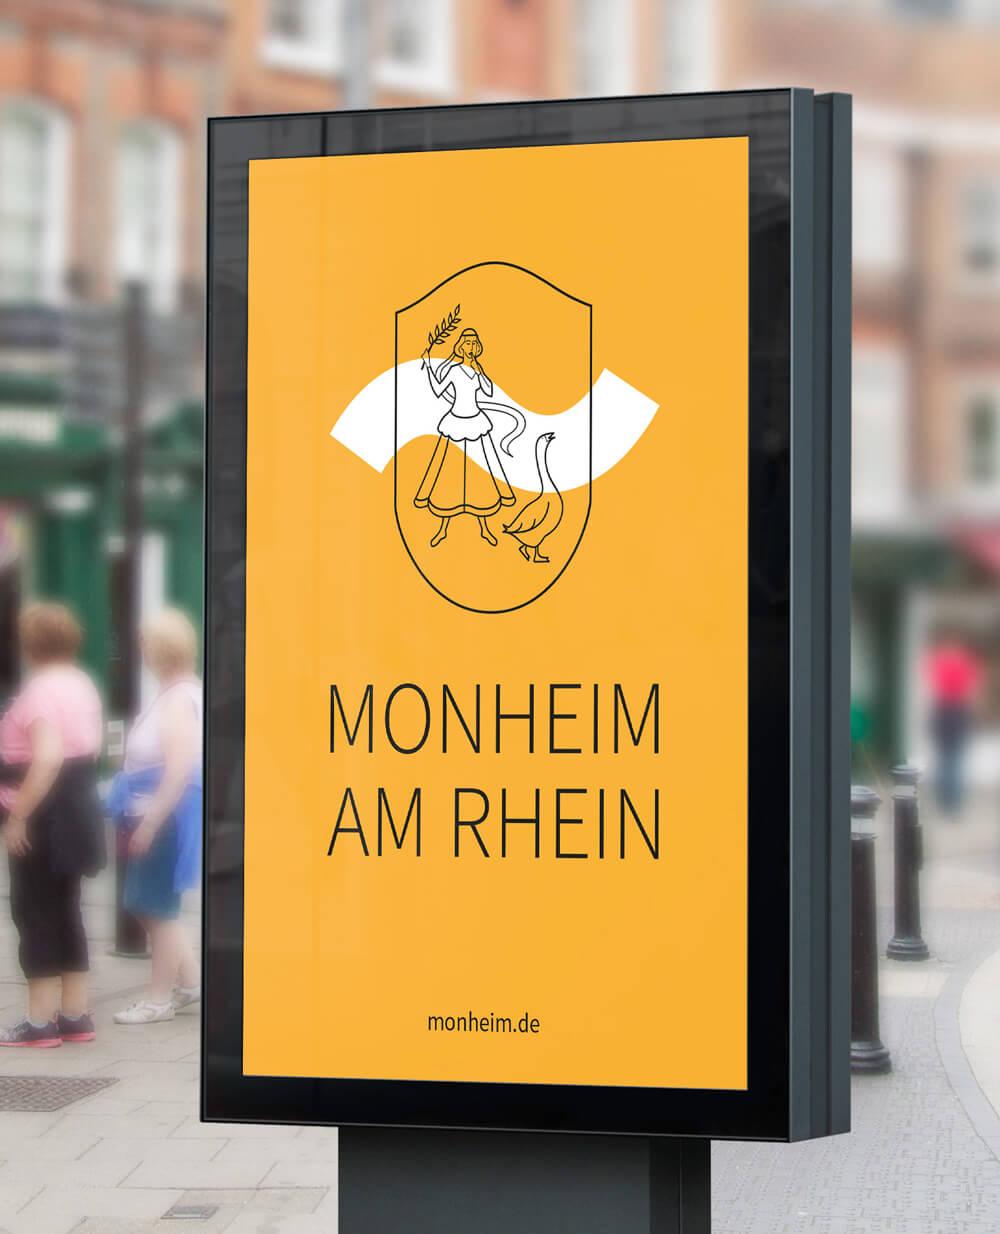 Monheim am Rhein Logo Aussenwerbung Citylight orange gelb